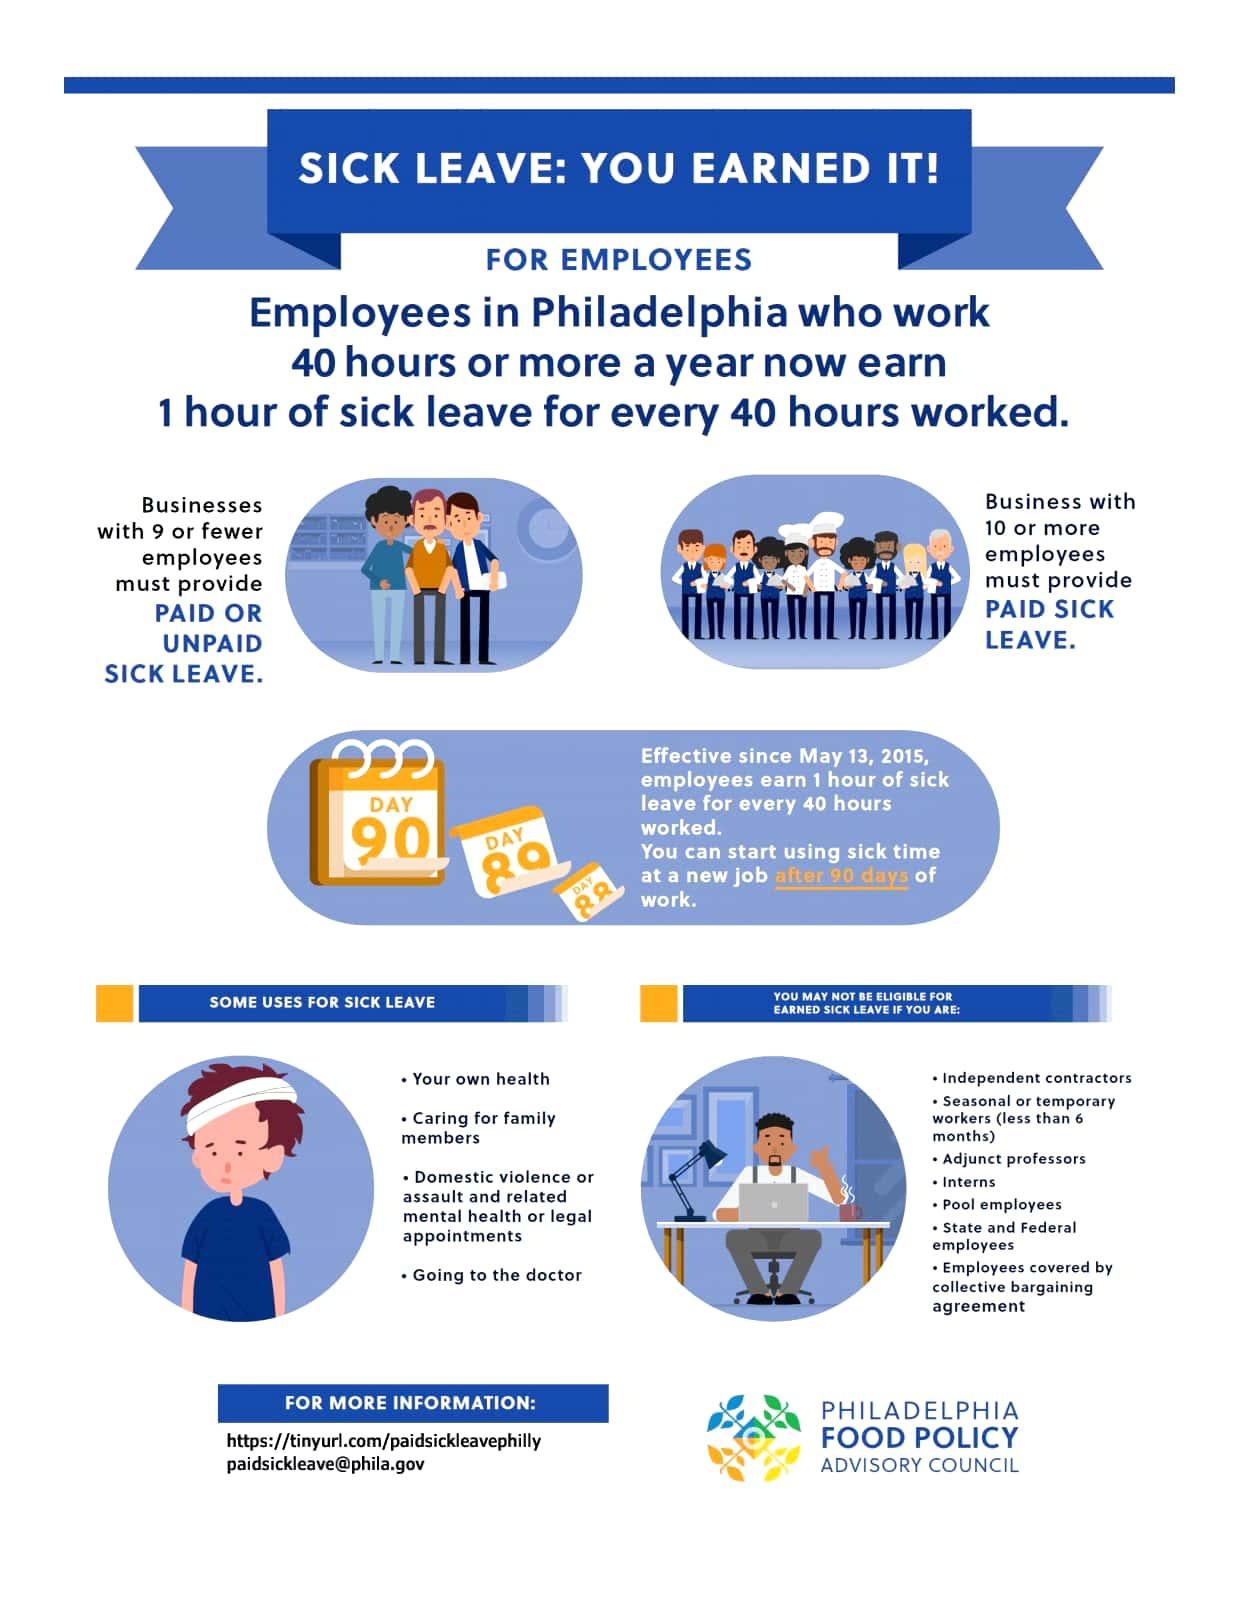 Sick Leave Statistics in Philadelphia (Source :http://www.phila.gov)